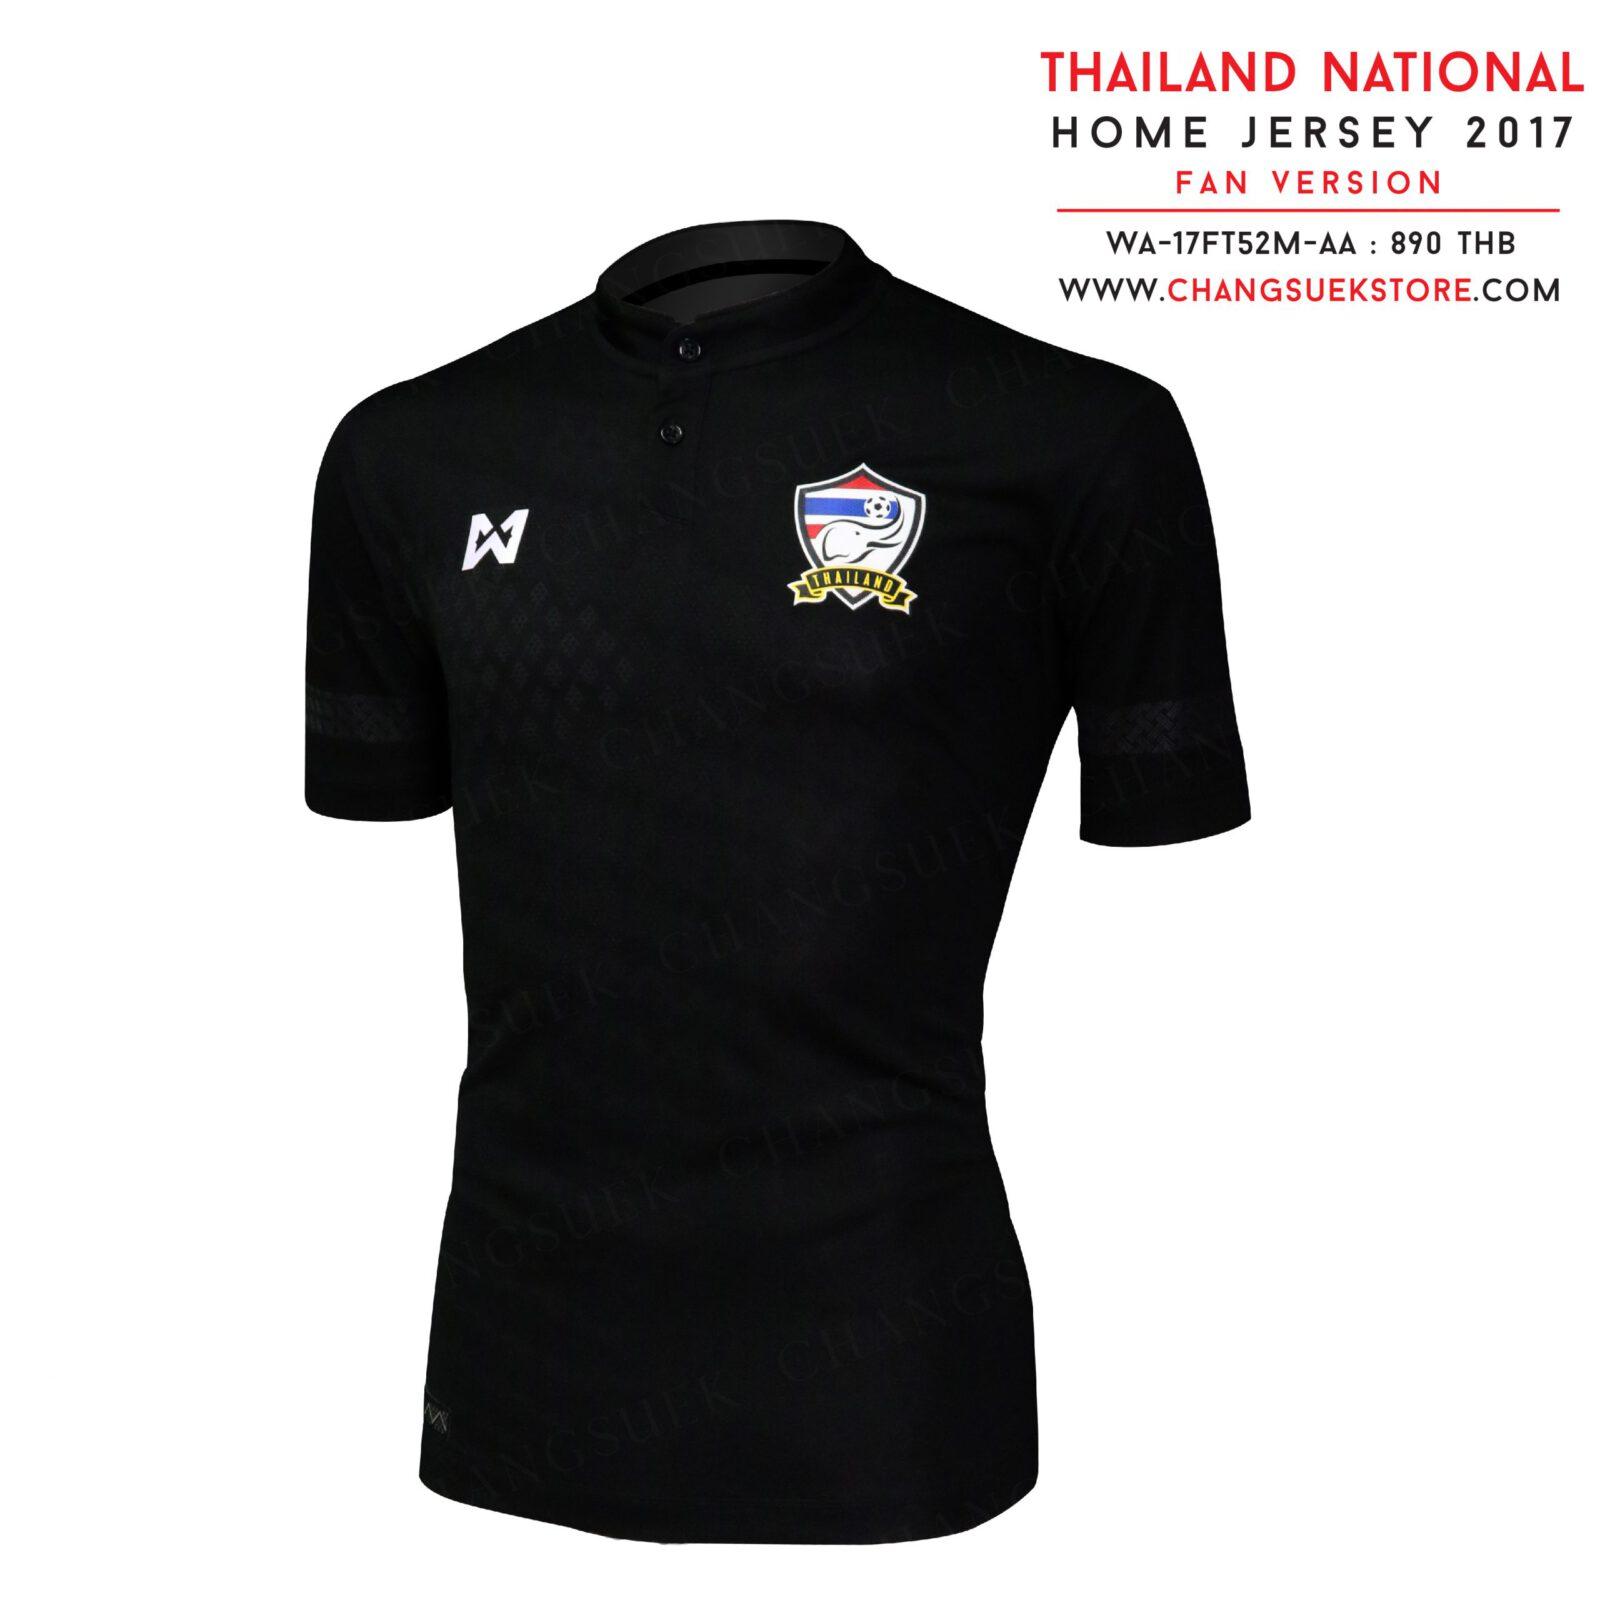 เสื้อแข่งทีมชาติไทย สีดำ Fan Version ปี 2017 WA-17FT52M-AA